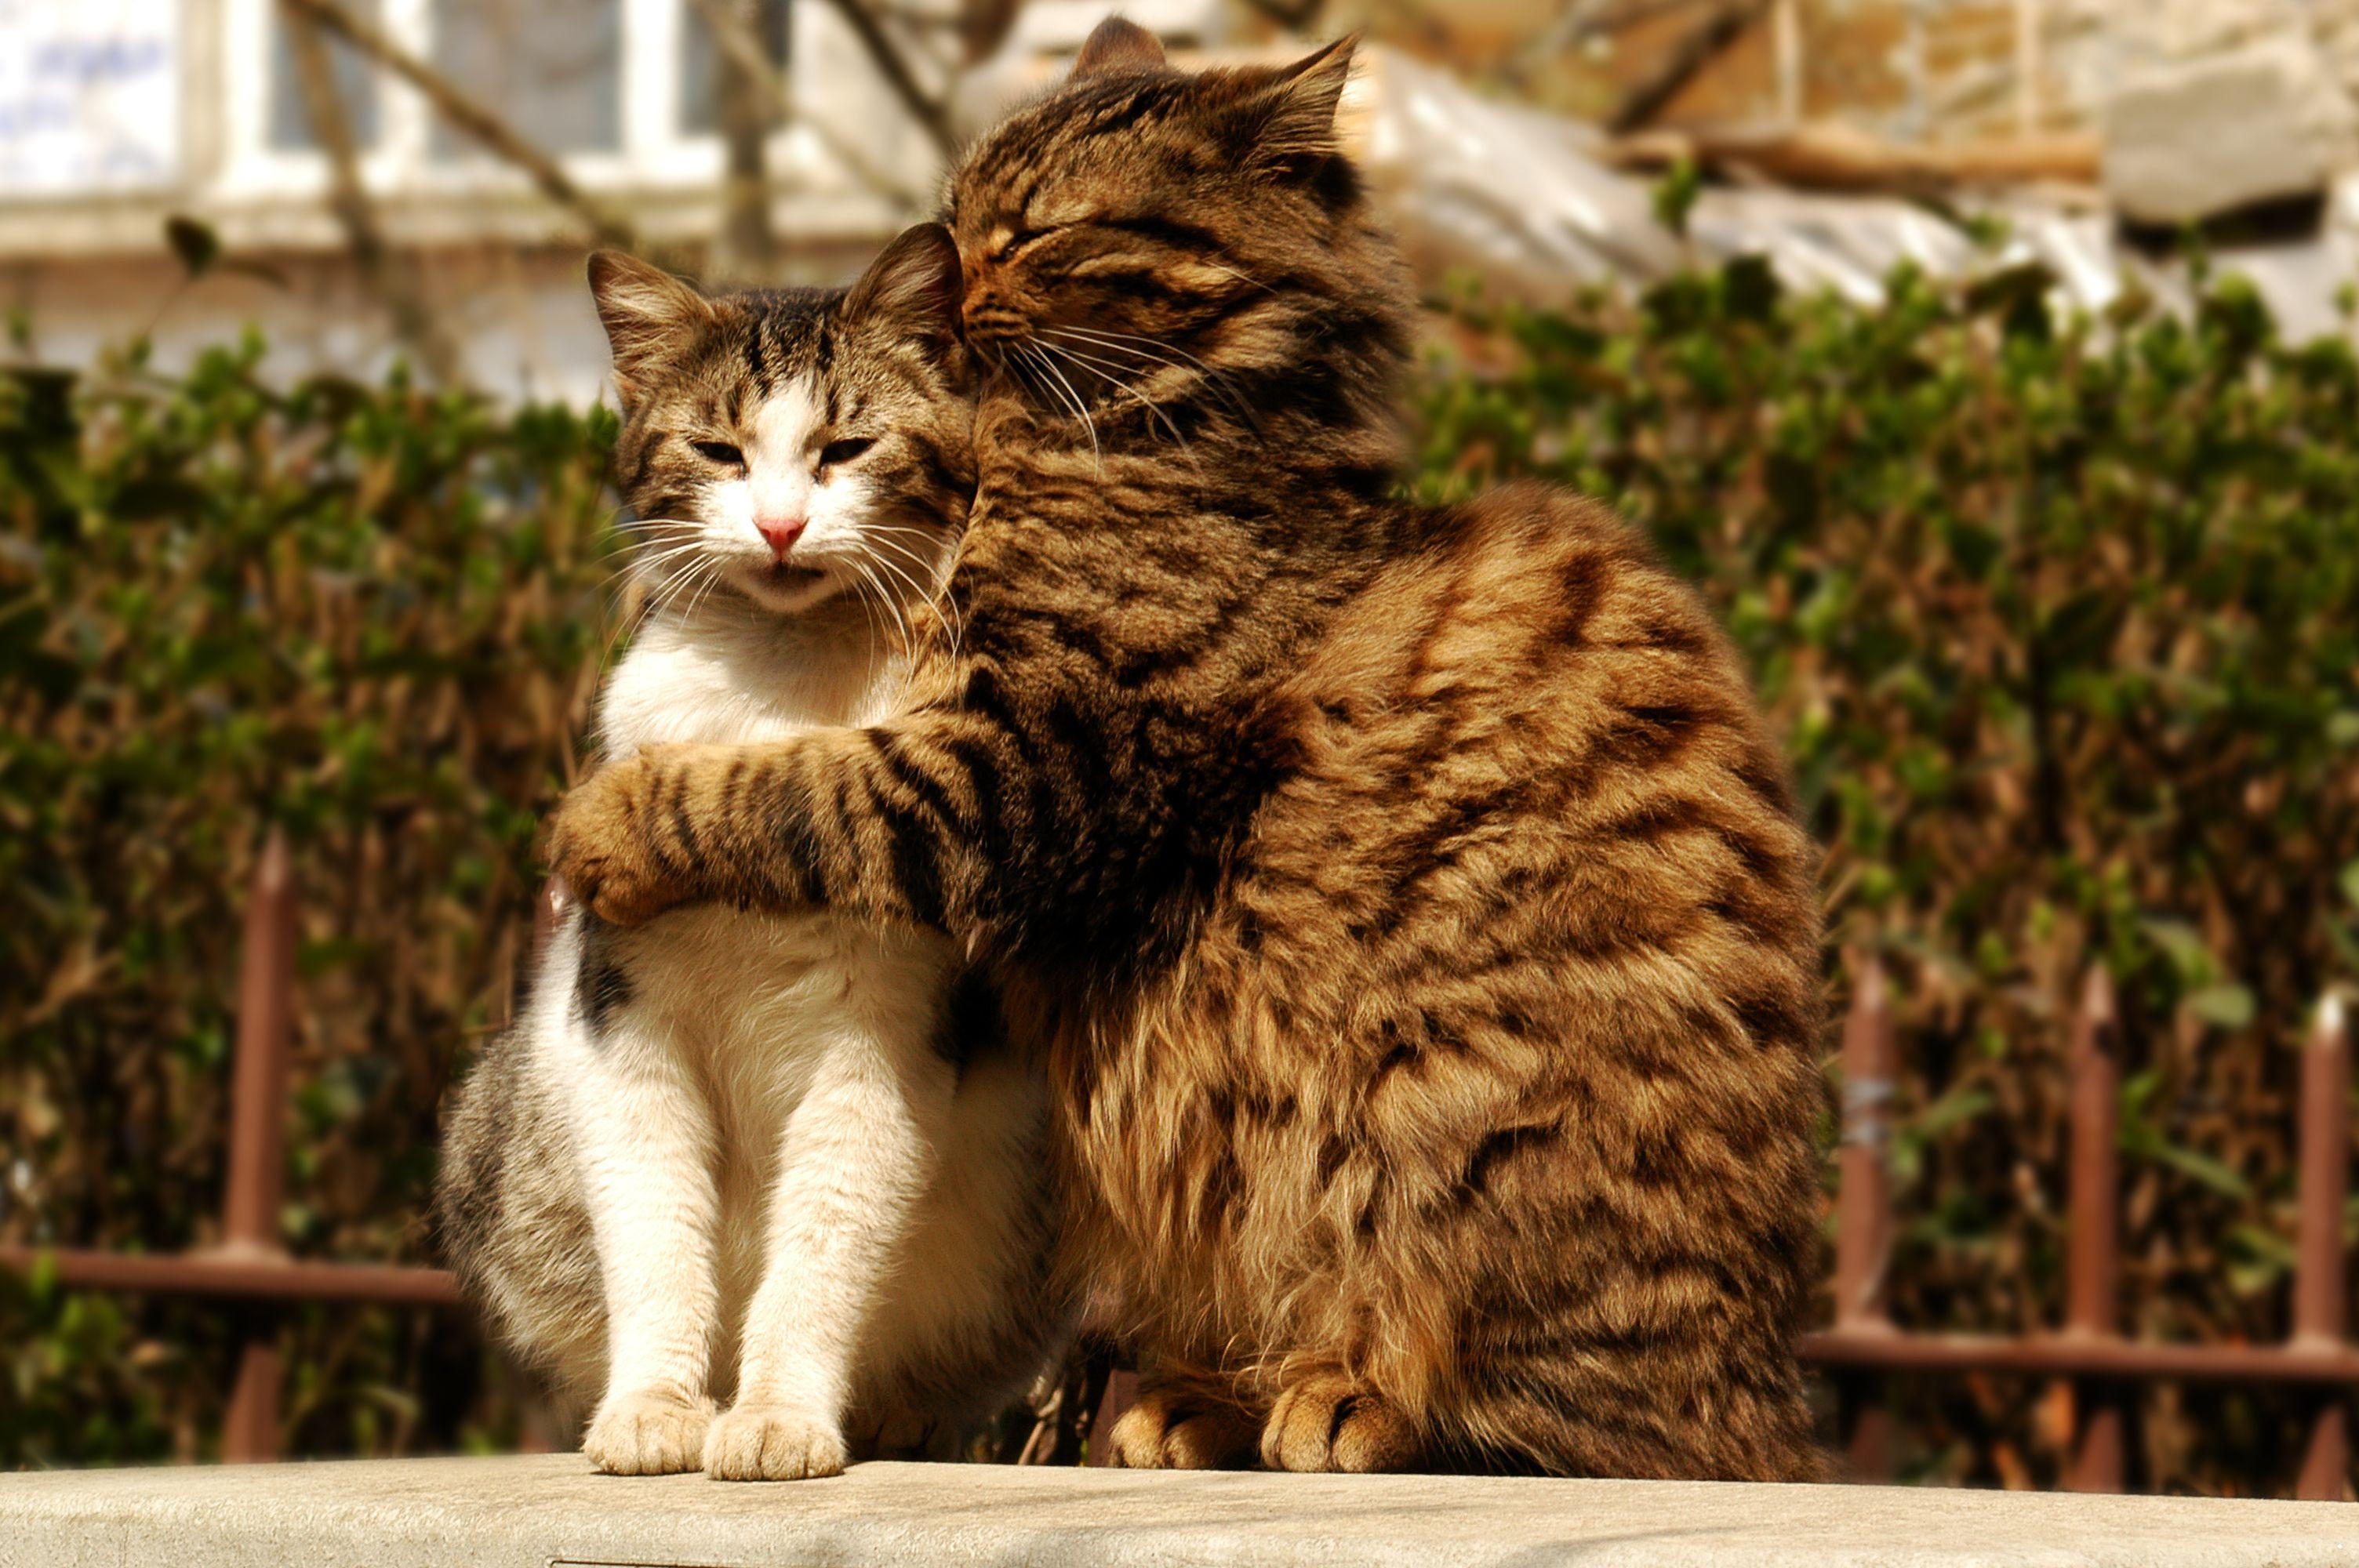 Chiens et chats : contrairement aux humains, ils voient la lumière ultraviolette